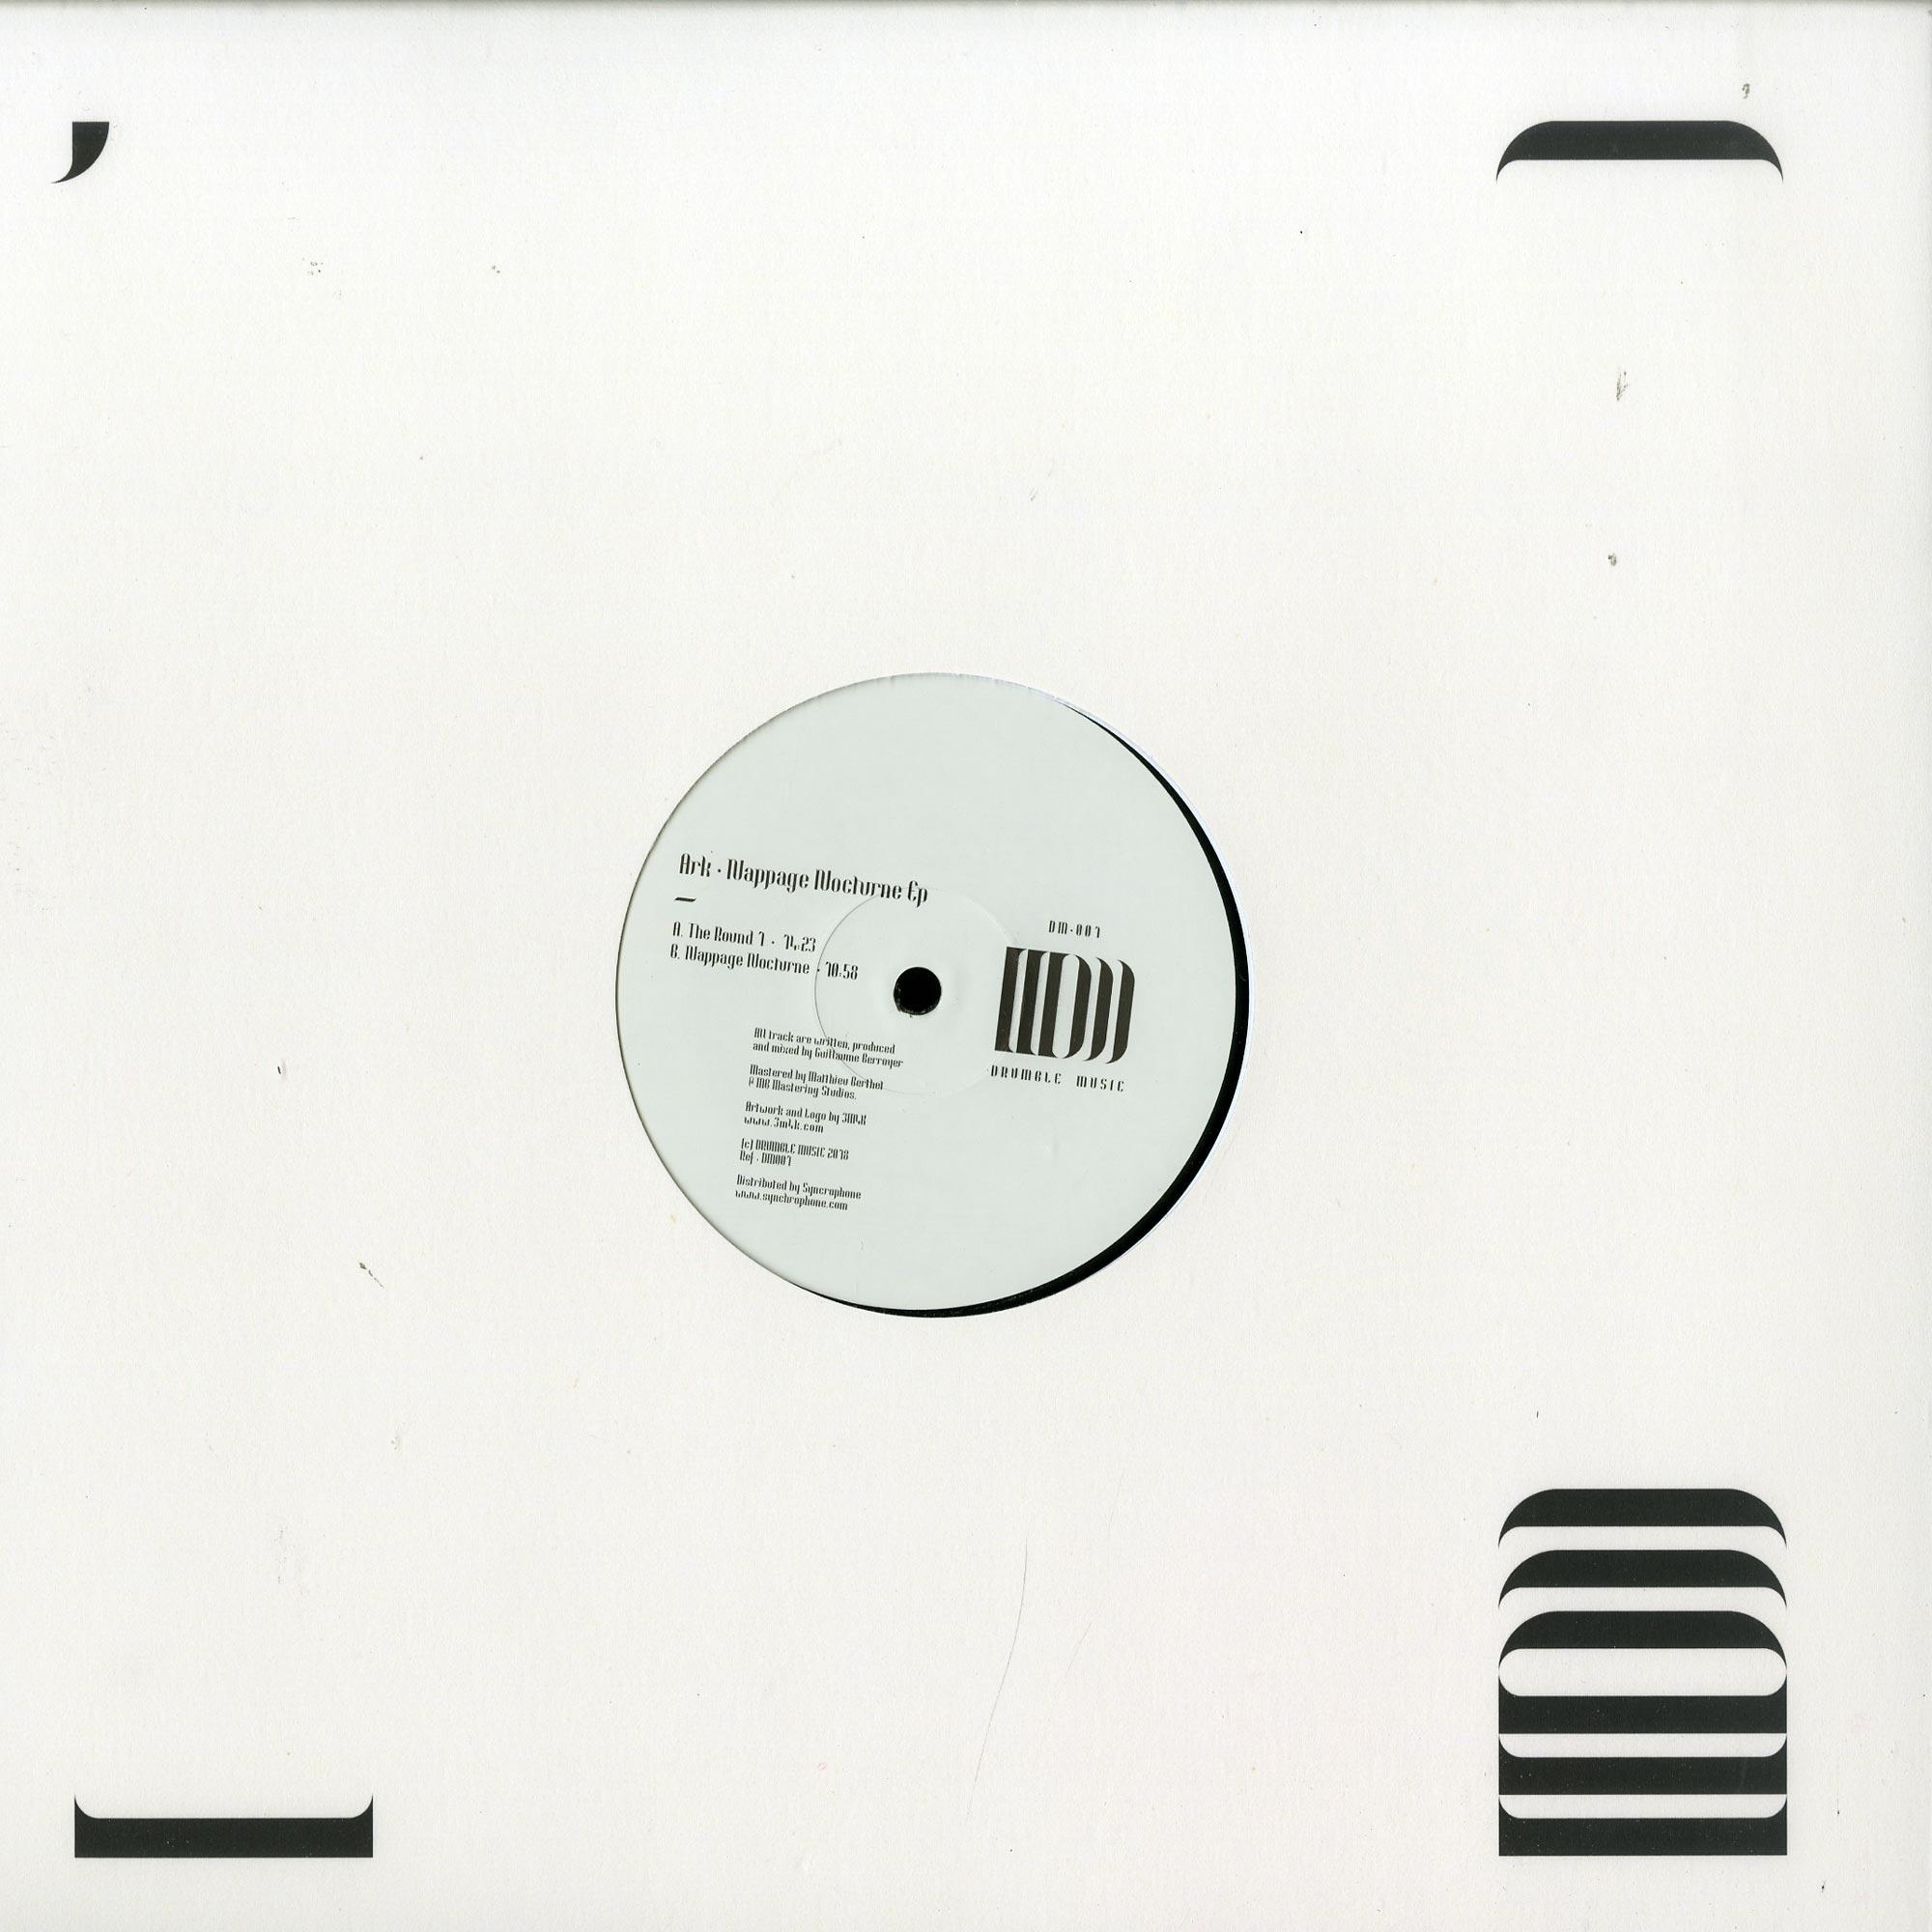 Ark - NAPPAGE NIOCTURNE EP